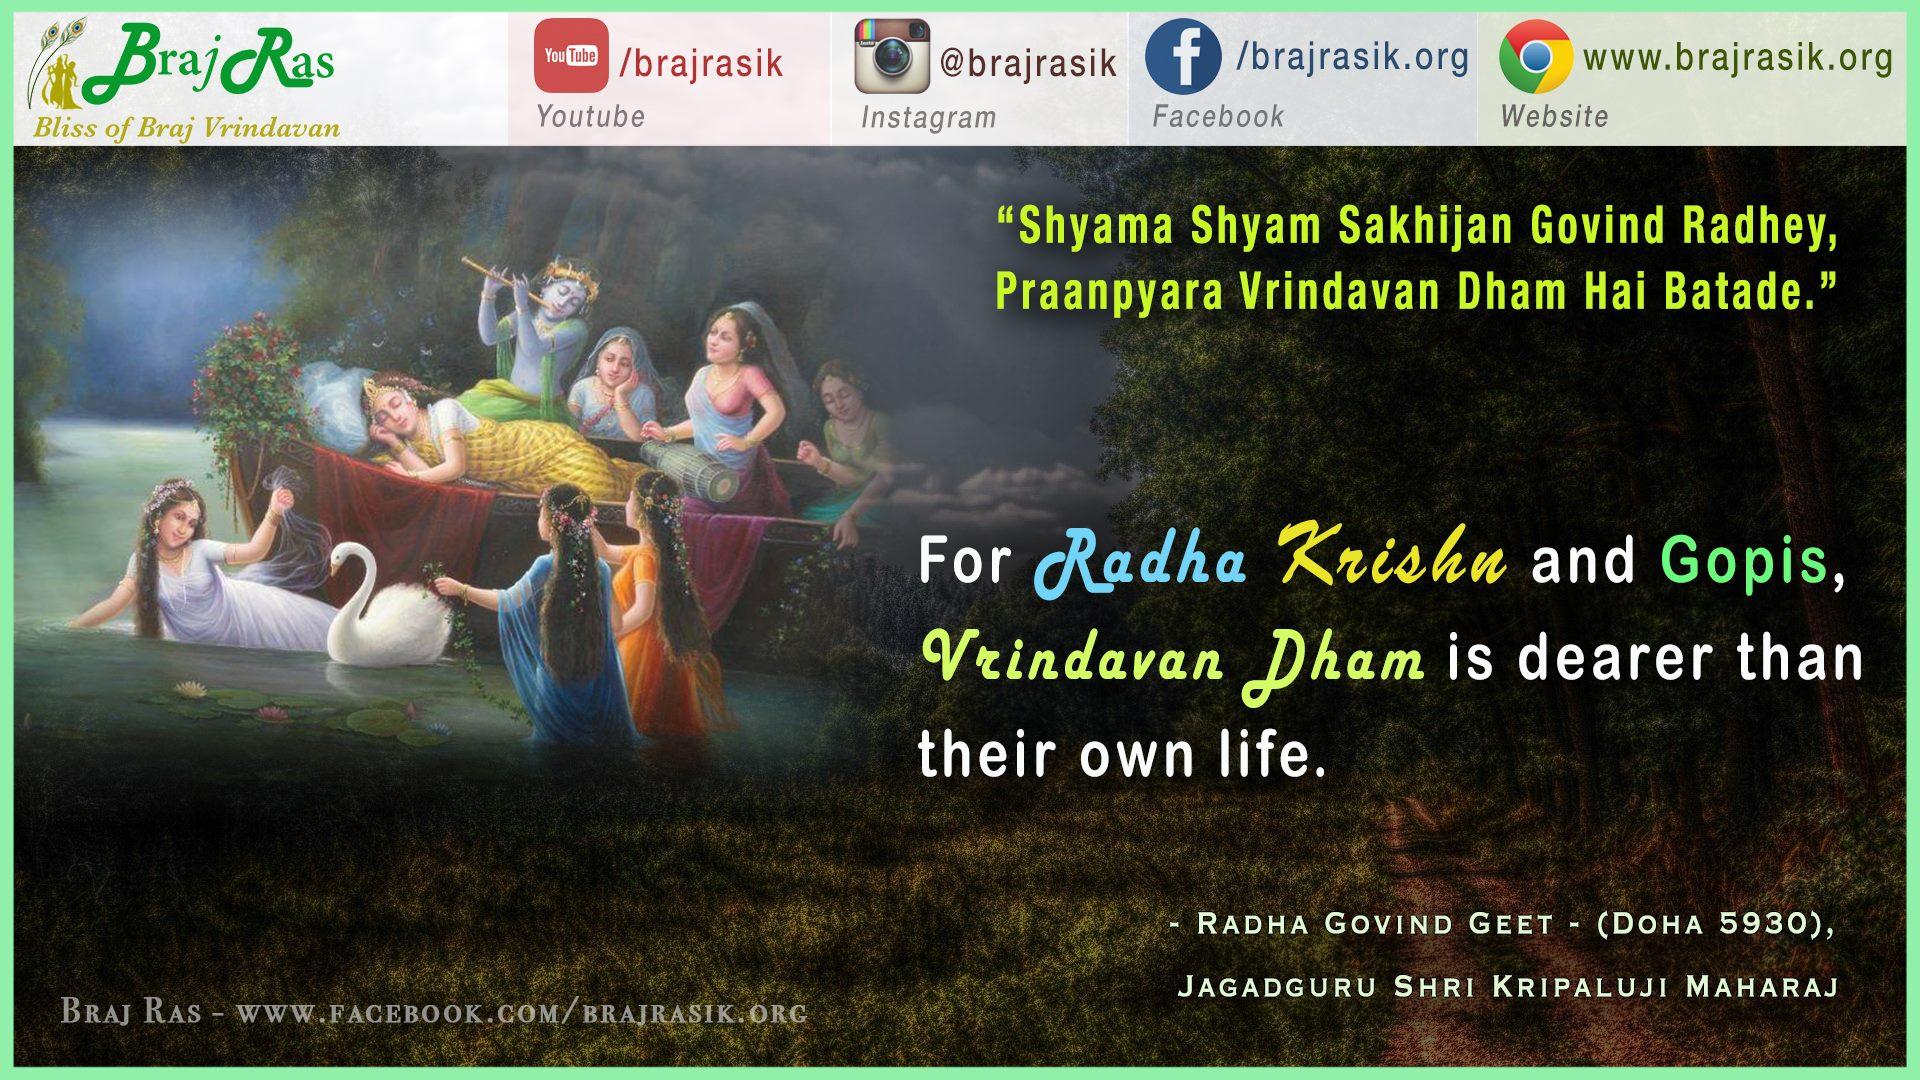 """""""Shyama Shyam Sakhijan Govind Radhey""""  -  Jagadguru Shri Kripaluji Maharaj, Radha Govind Geet (5930)"""